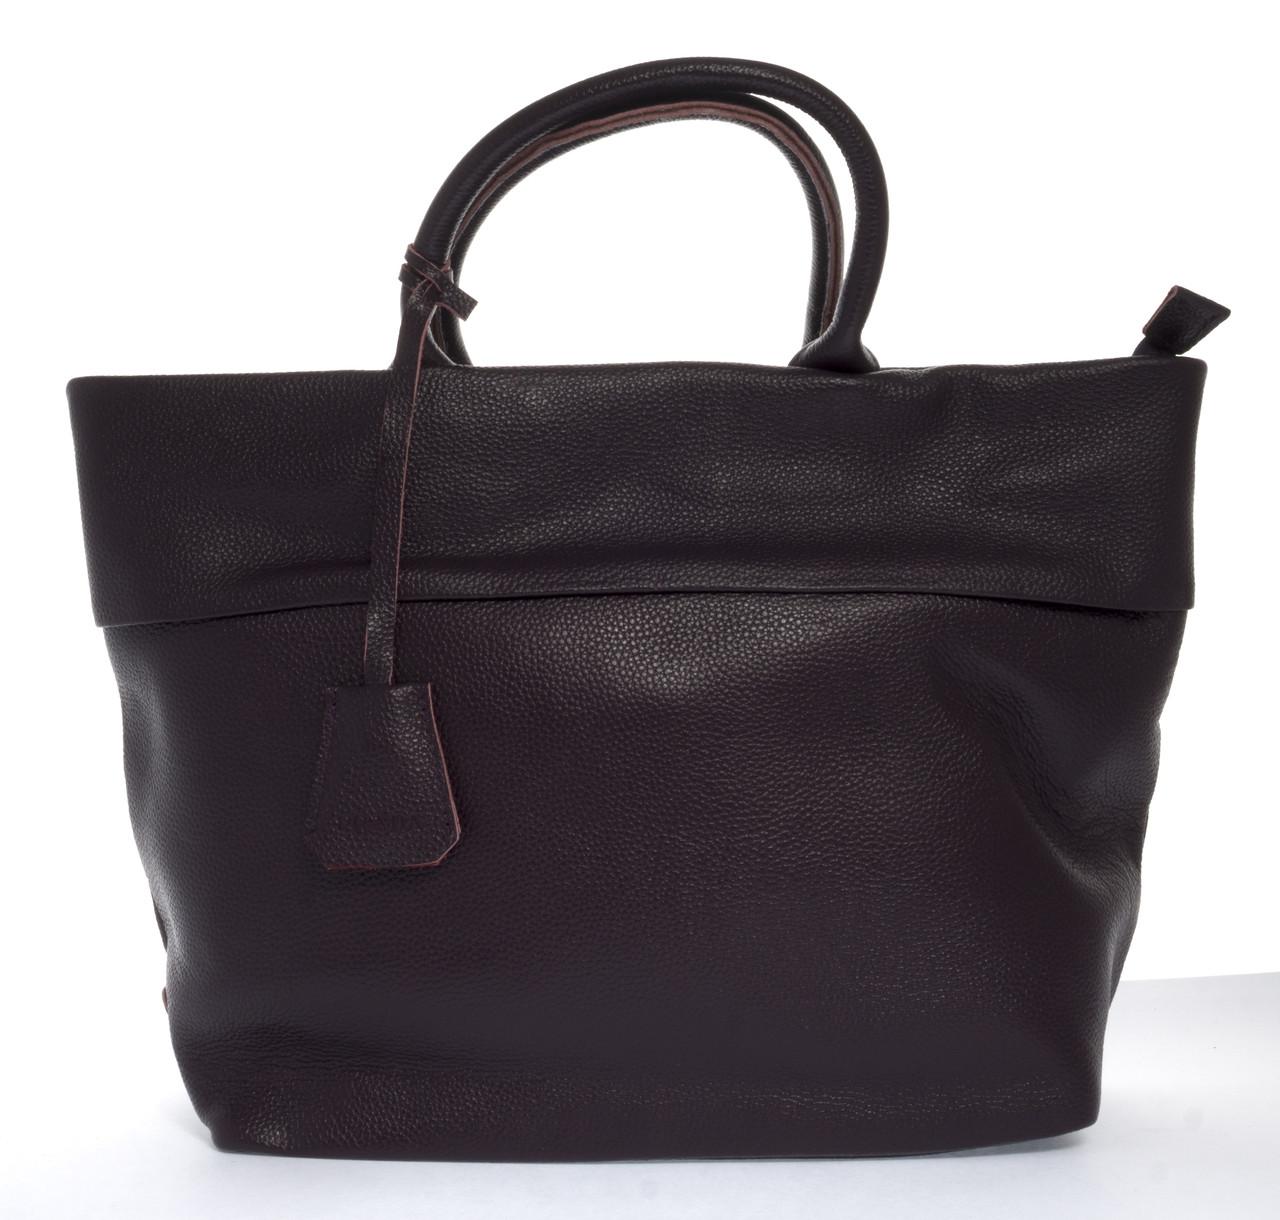 0b28f3b7f31d Стильная женская сумка из мягкой натуральной кожи GALANTY art. 1958 Турция